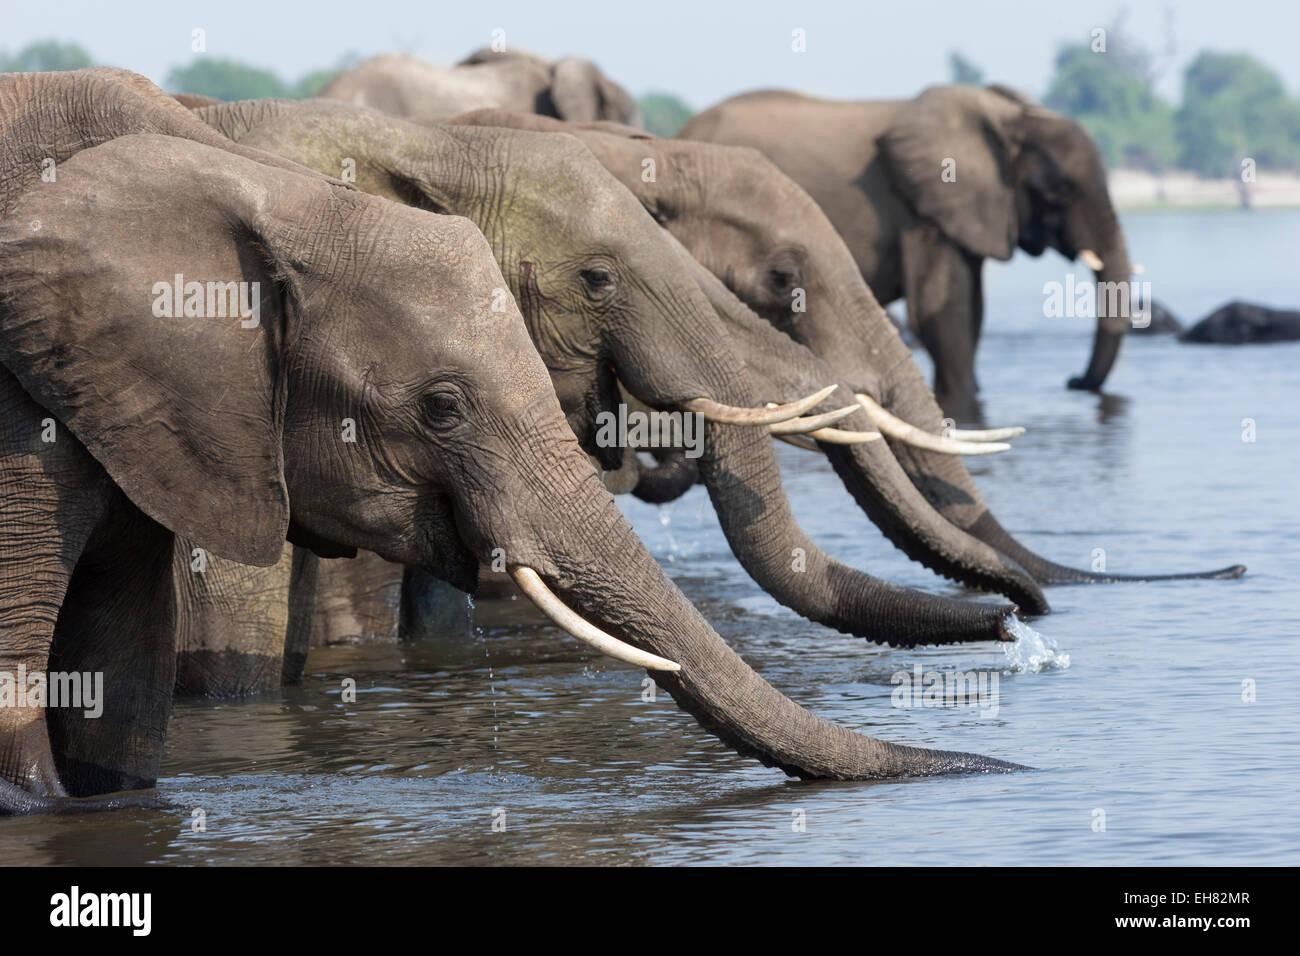 African elephants (Loxodonta africana) drinking, Chobe National Park, Botswana, Africa - Stock Image